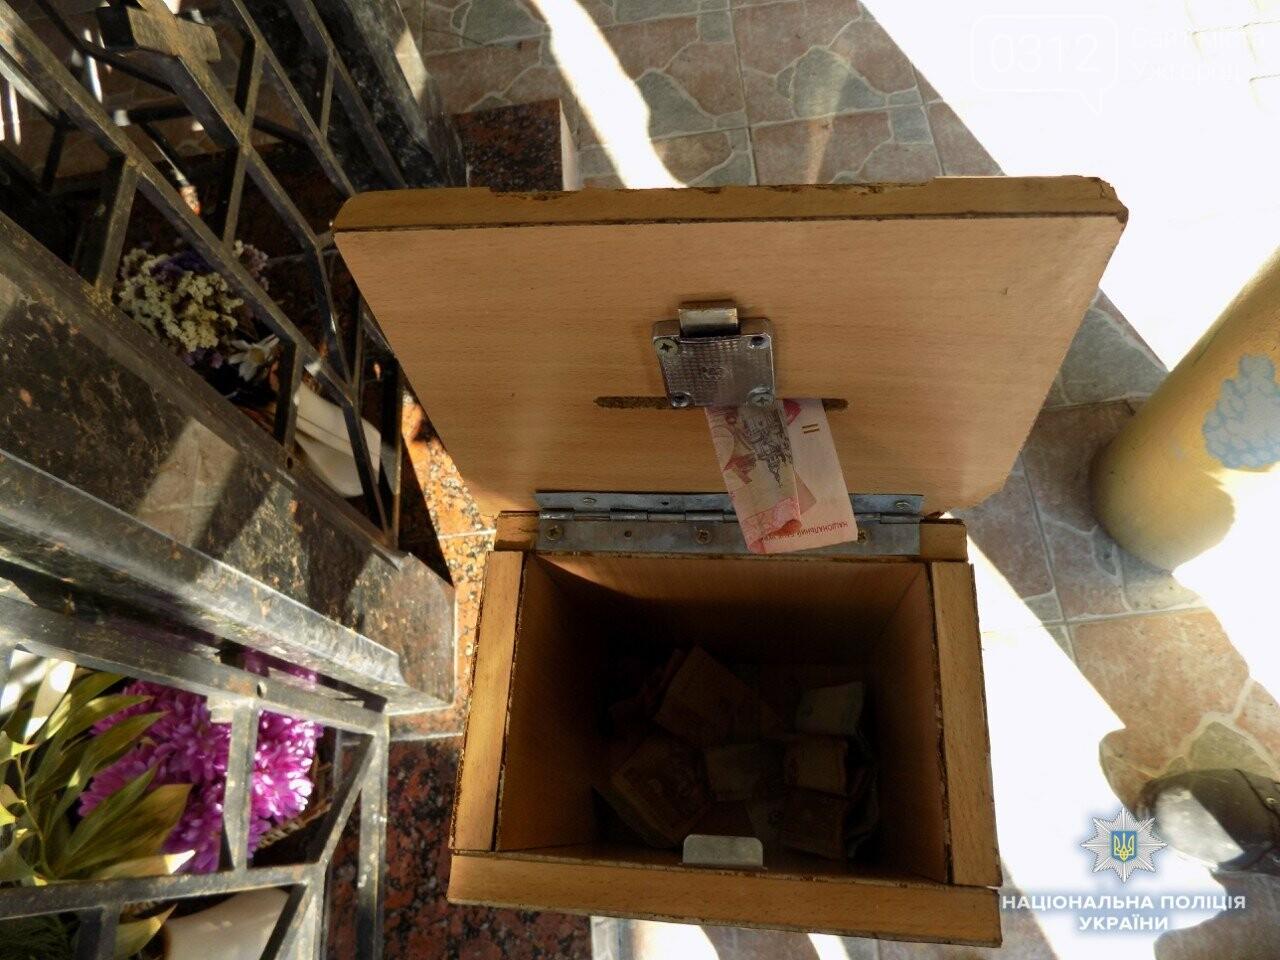 """На Закарпатті 20-річний хлопець украв гроші зі скриньки для пожертв у каплиці """"Пречистої Діви Марії"""" (ФОТО), фото-3"""